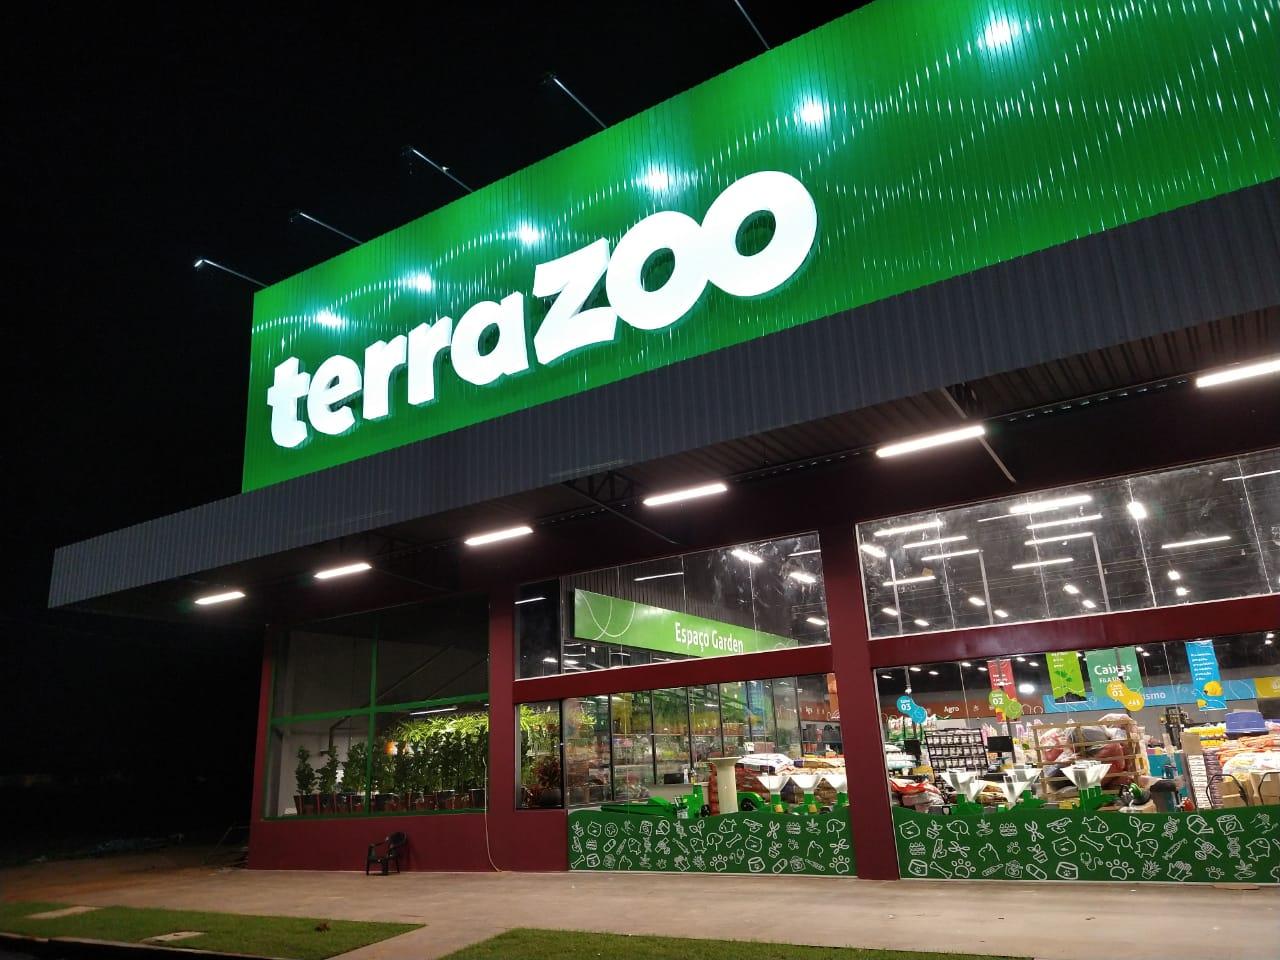 Terra Zoo Pinheiro